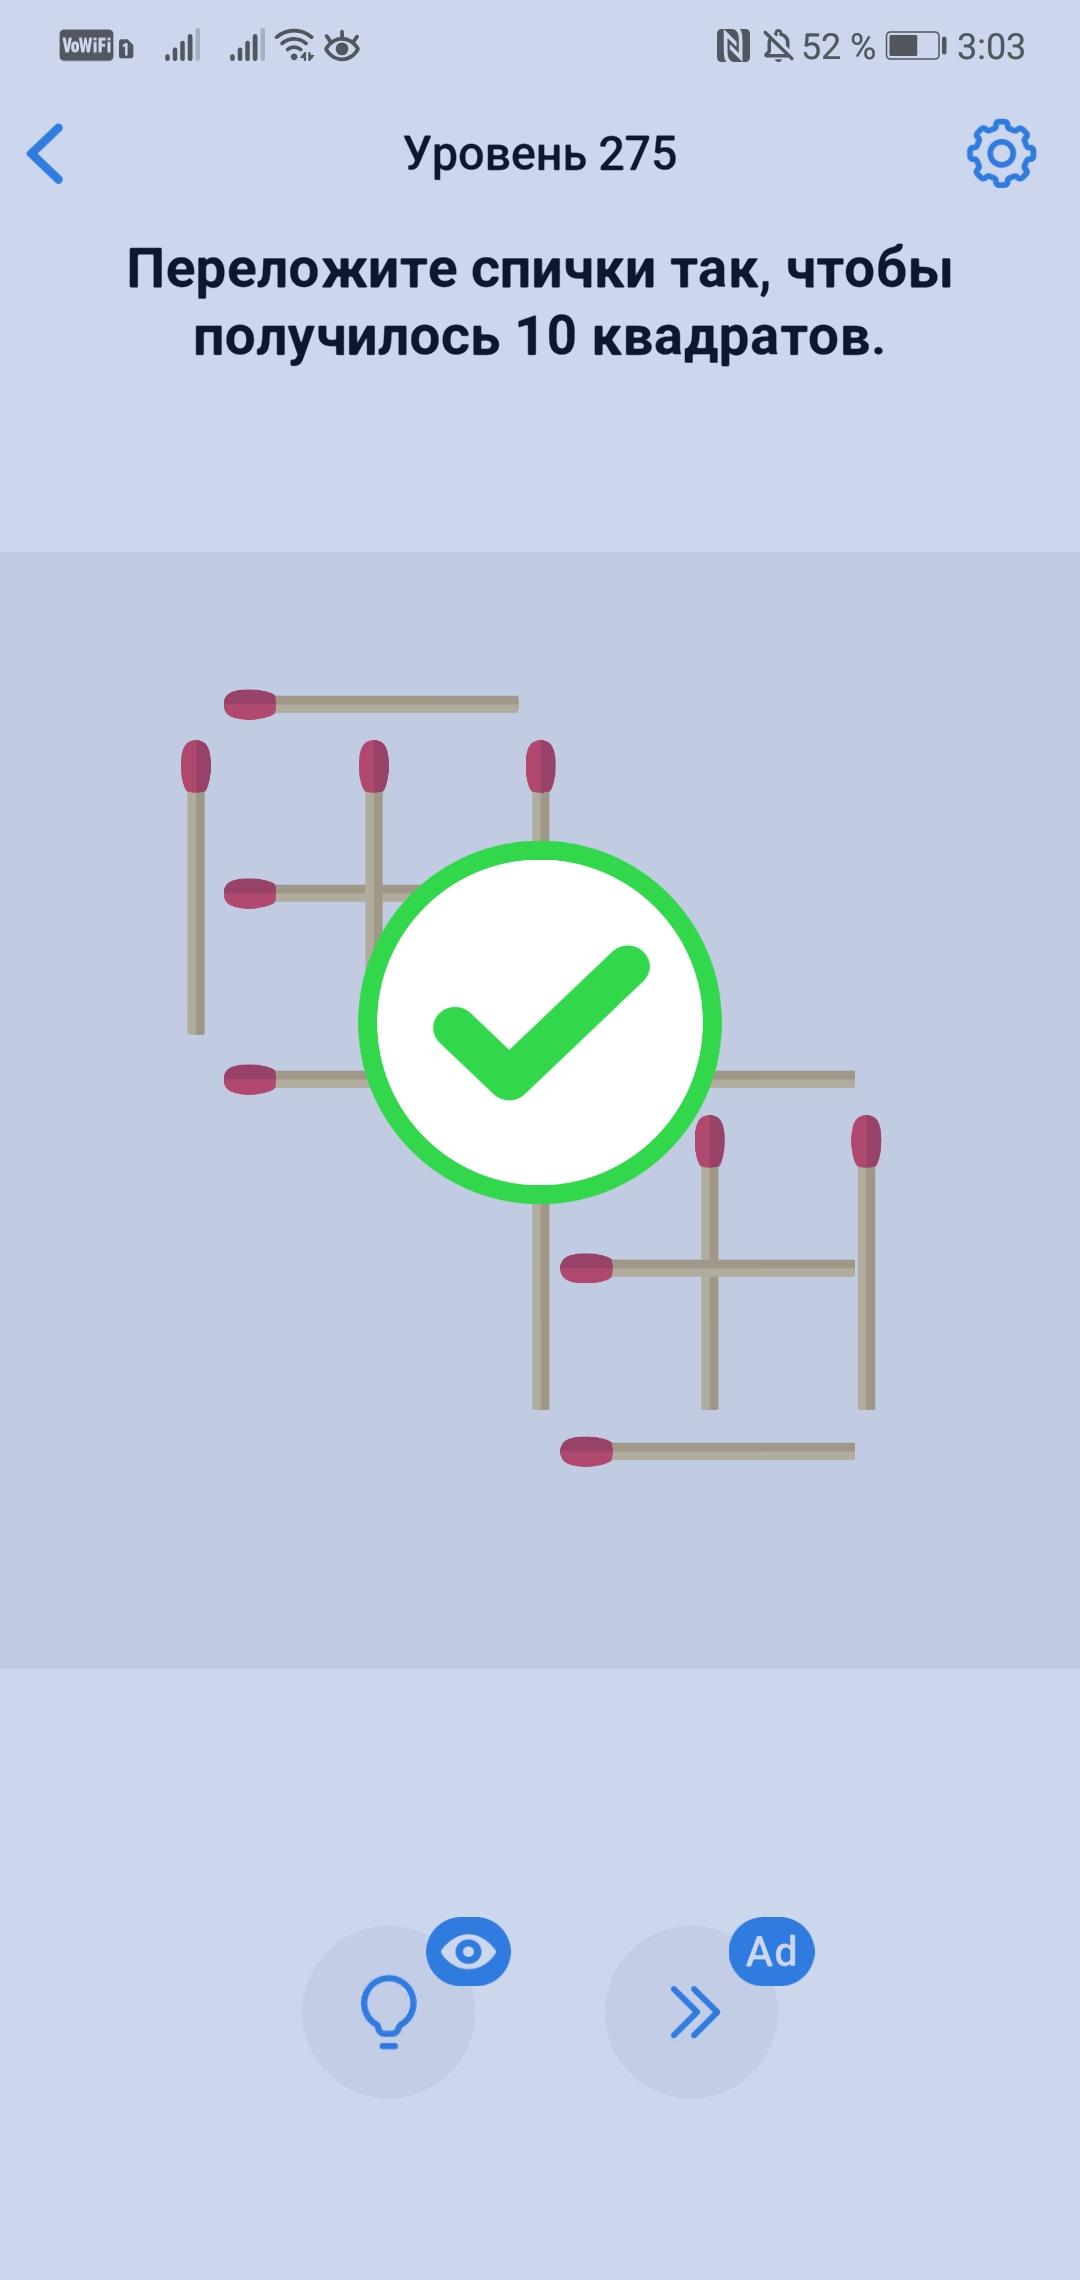 Easy Game - 275 уровень - Переложите спички так, чтобы получилось 10 квадратов.